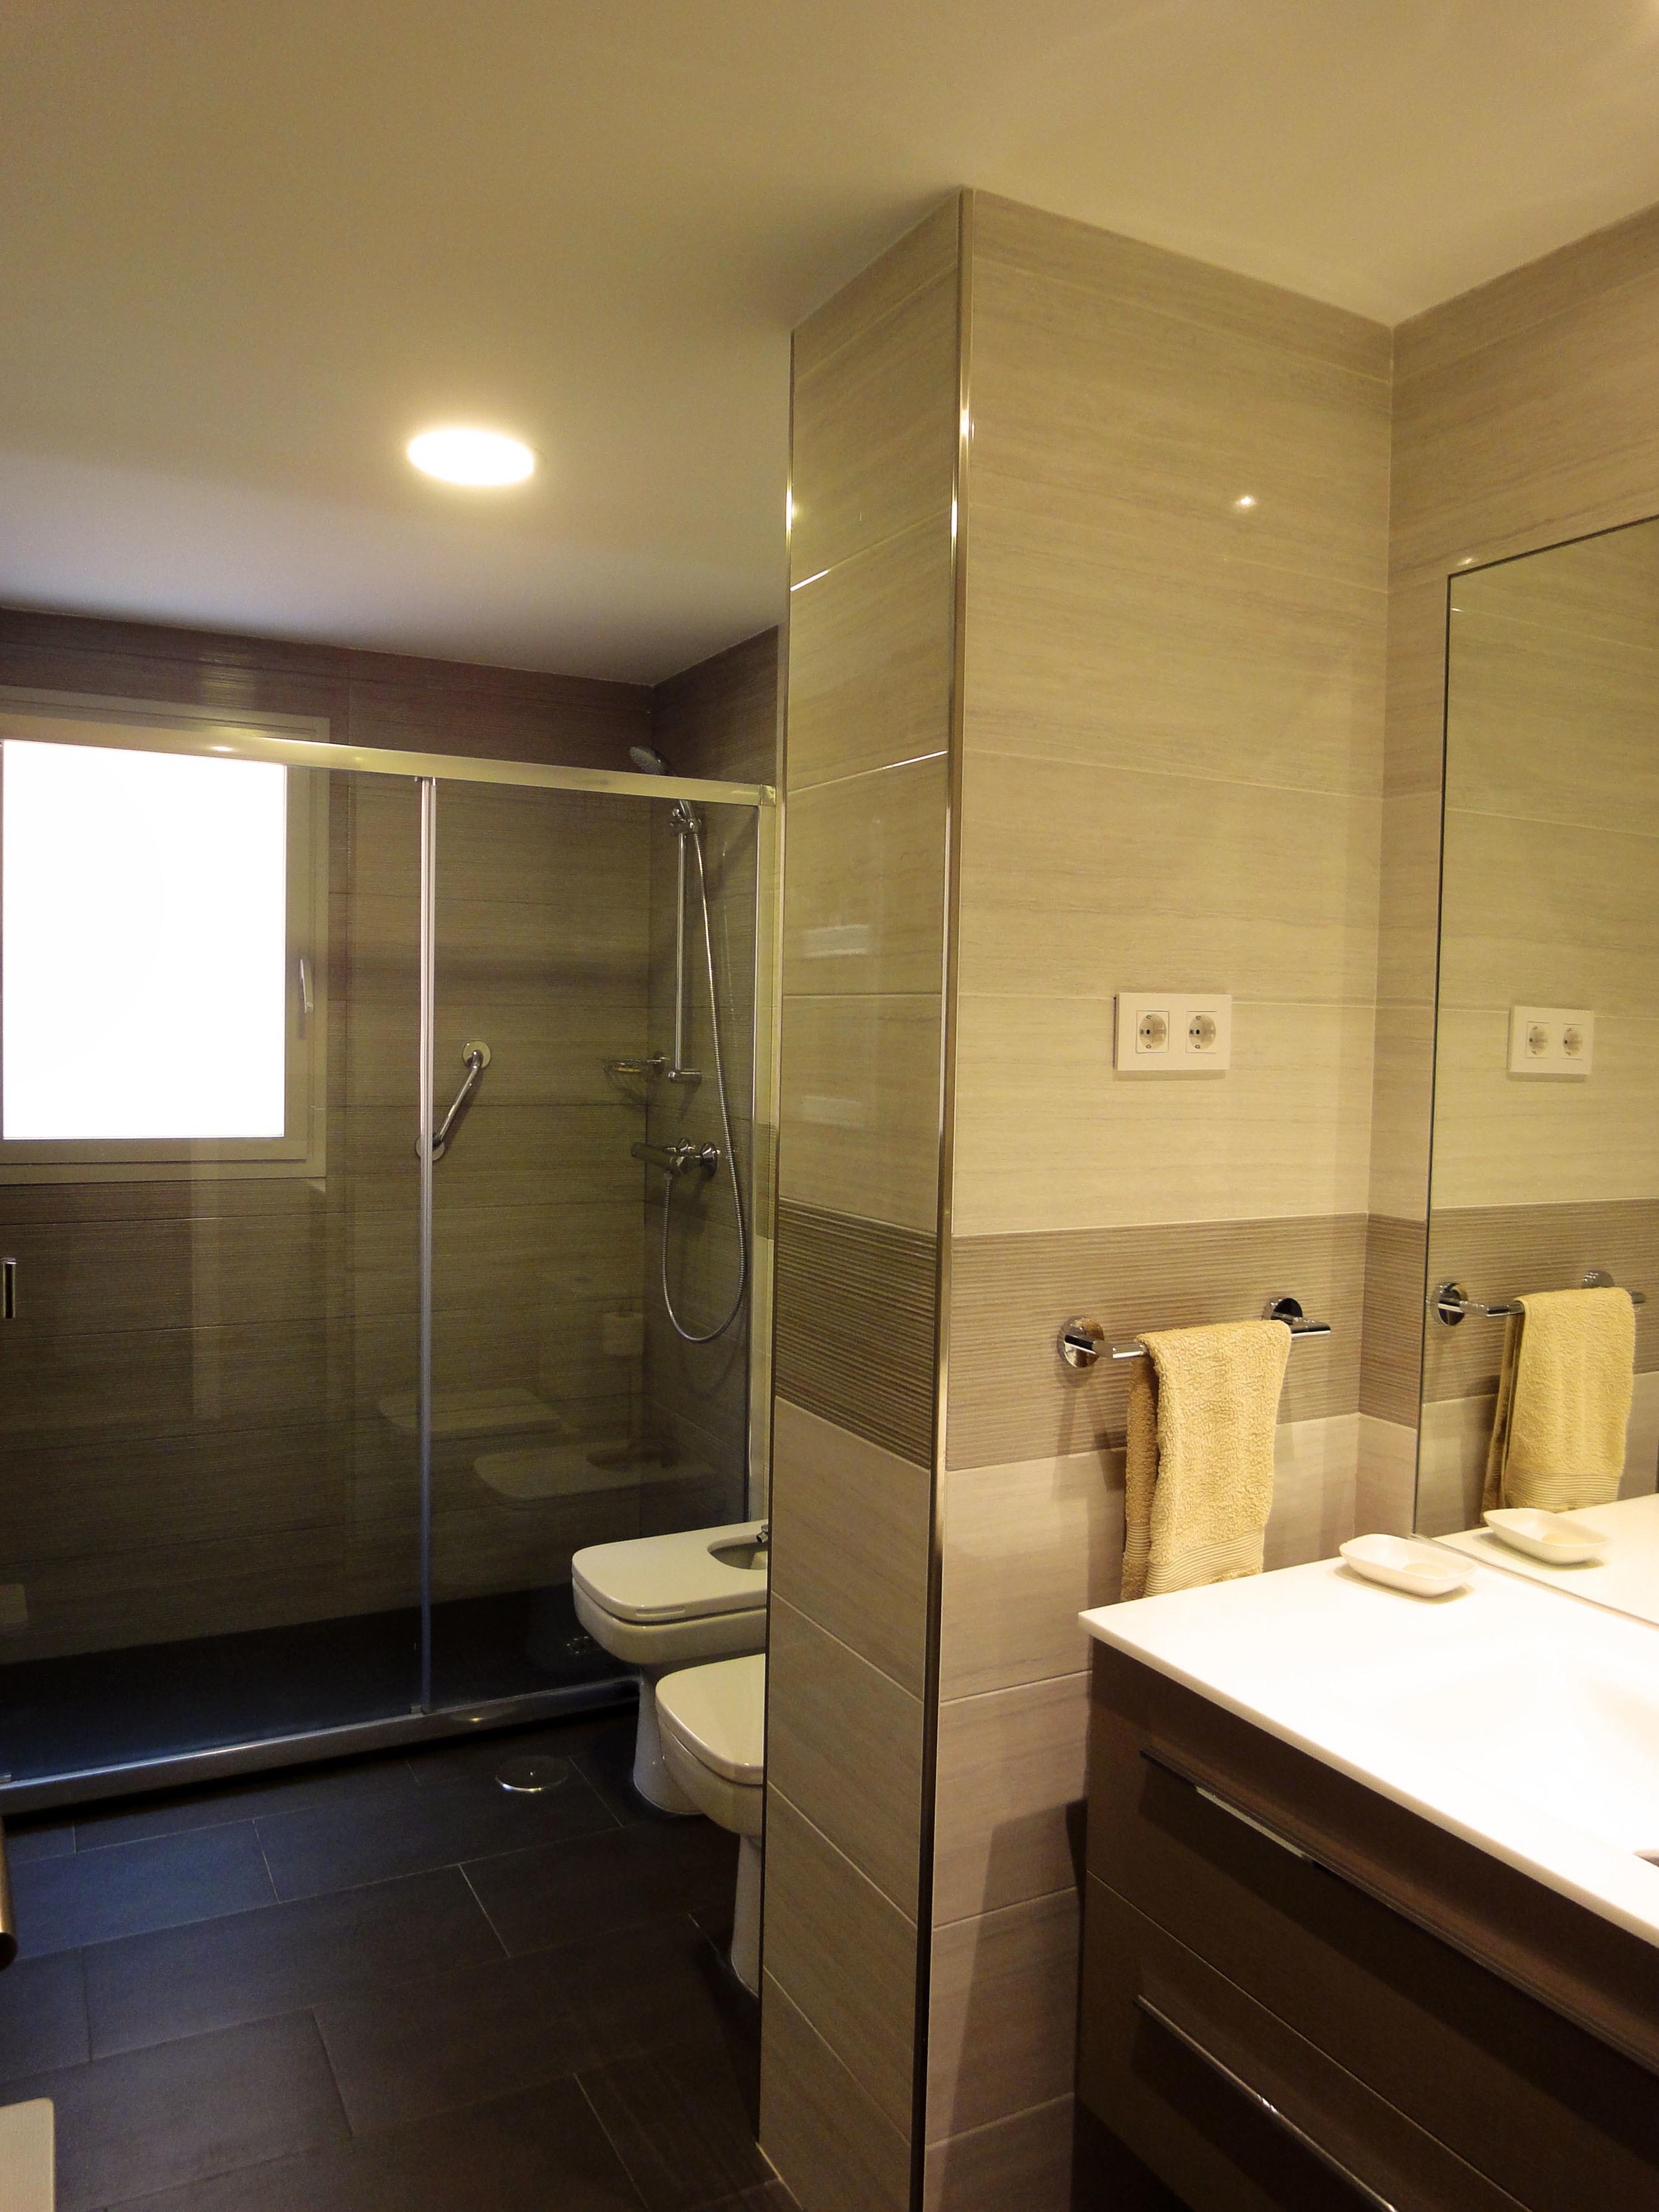 Baño 2, luego de la restauración.